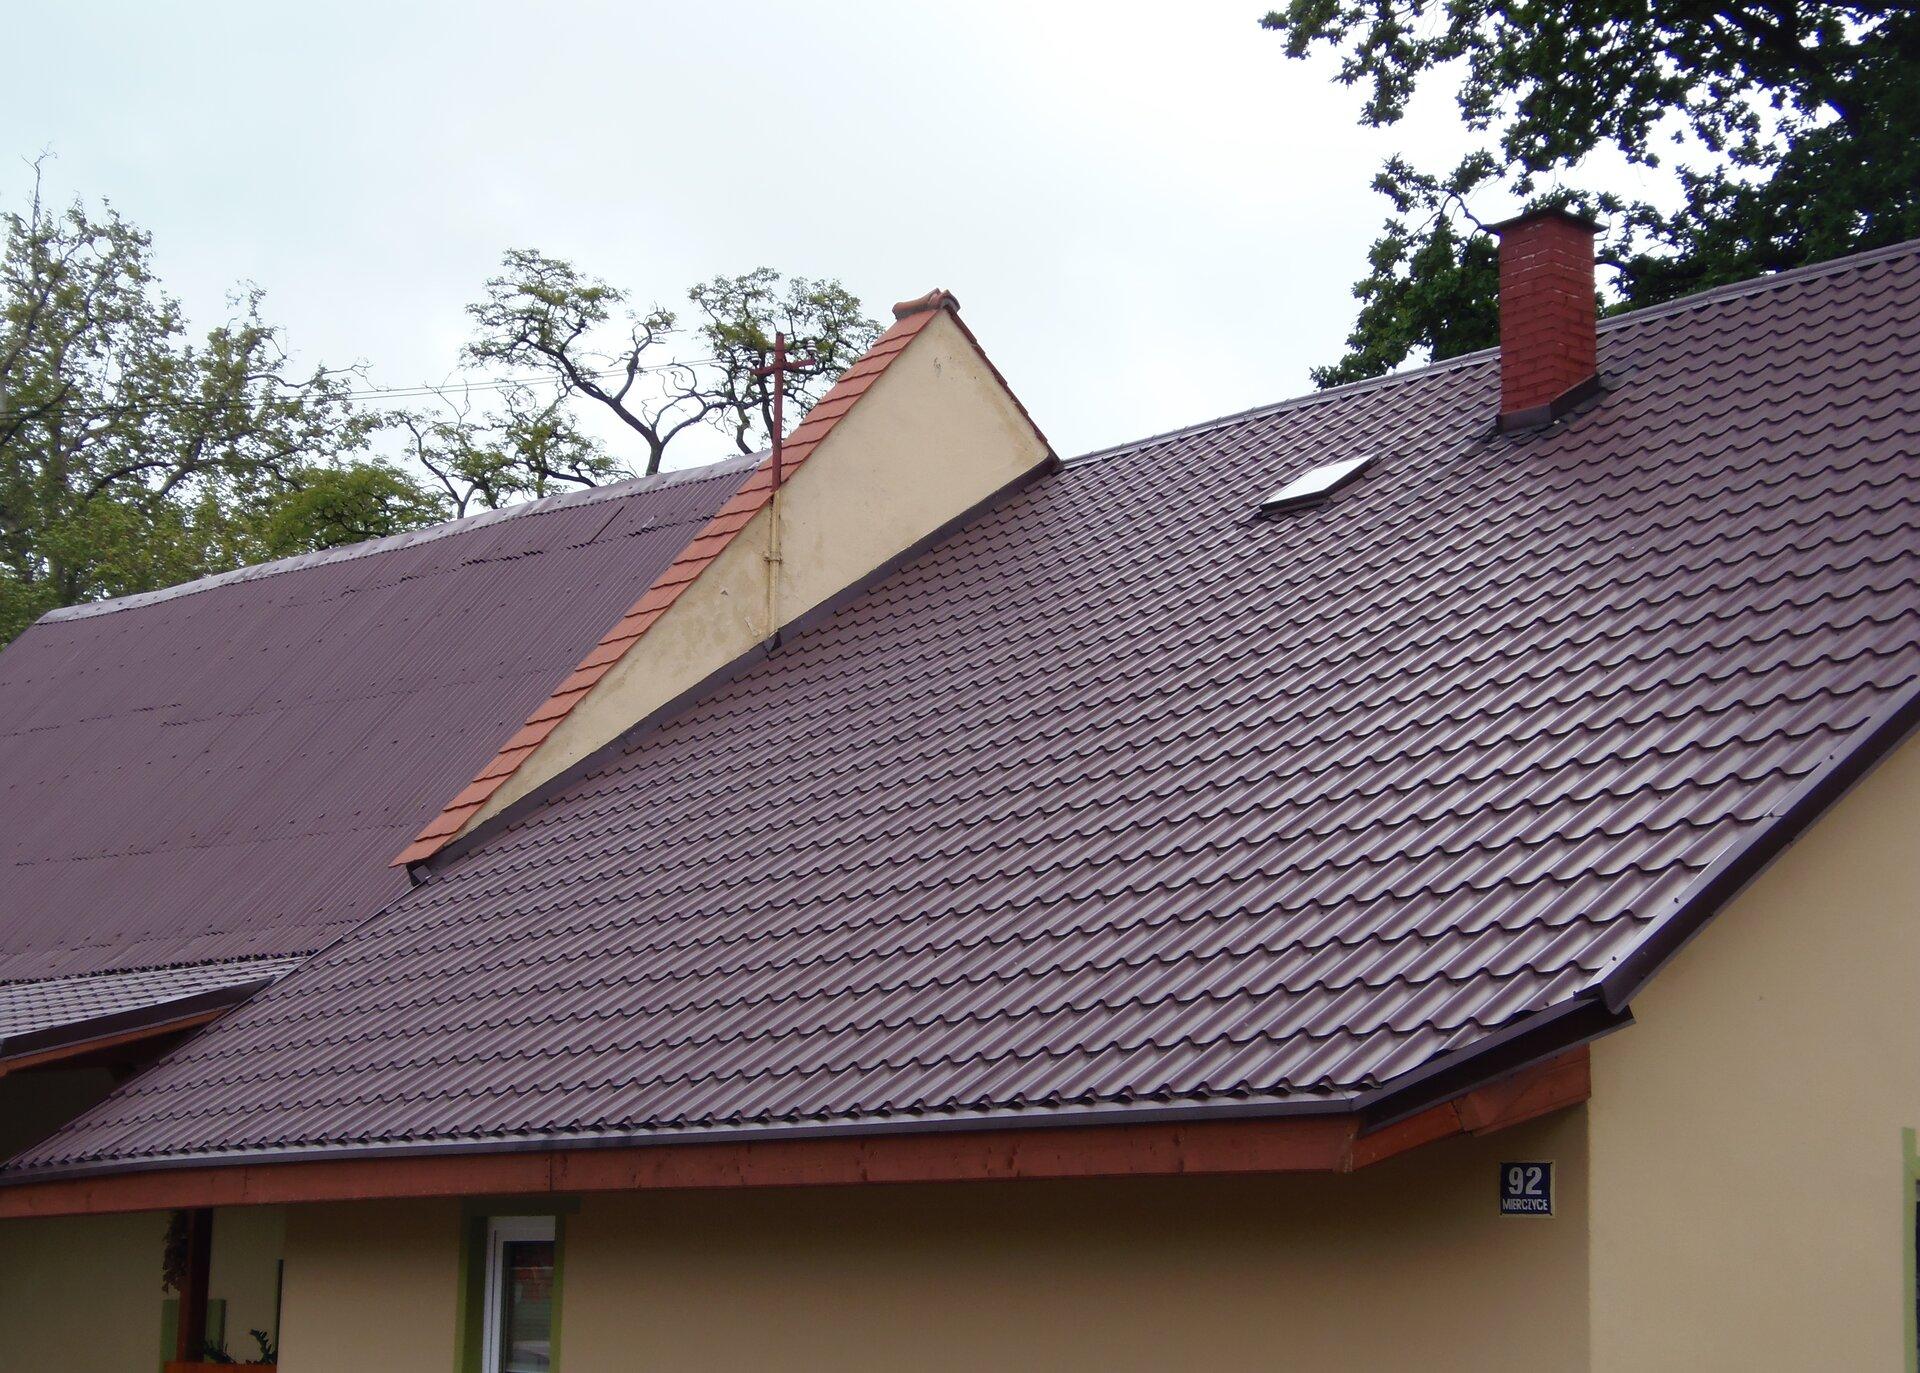 Zdjęcie przedstawia budynek mieszkalny. Cały kadr wypełnia brązowy spadzisty dach wykonany zblachodachówki. Dach podzielony jest na dwie części, gdyż sam budynek składa się zdwóch części przylegających do siebie. Pomiędzy dachem po lewej idachem po prawej stronie znajduje się wymurowana ściana wystająca na około osiemdziesiąt centymetrów nad prawym dachem. Szerokość tego tak zwanego ogniomuru to około czterdzieści centymetrów, ajego szczyt pokryty jest dachówką ceramiczną wkolorze czerwonym.